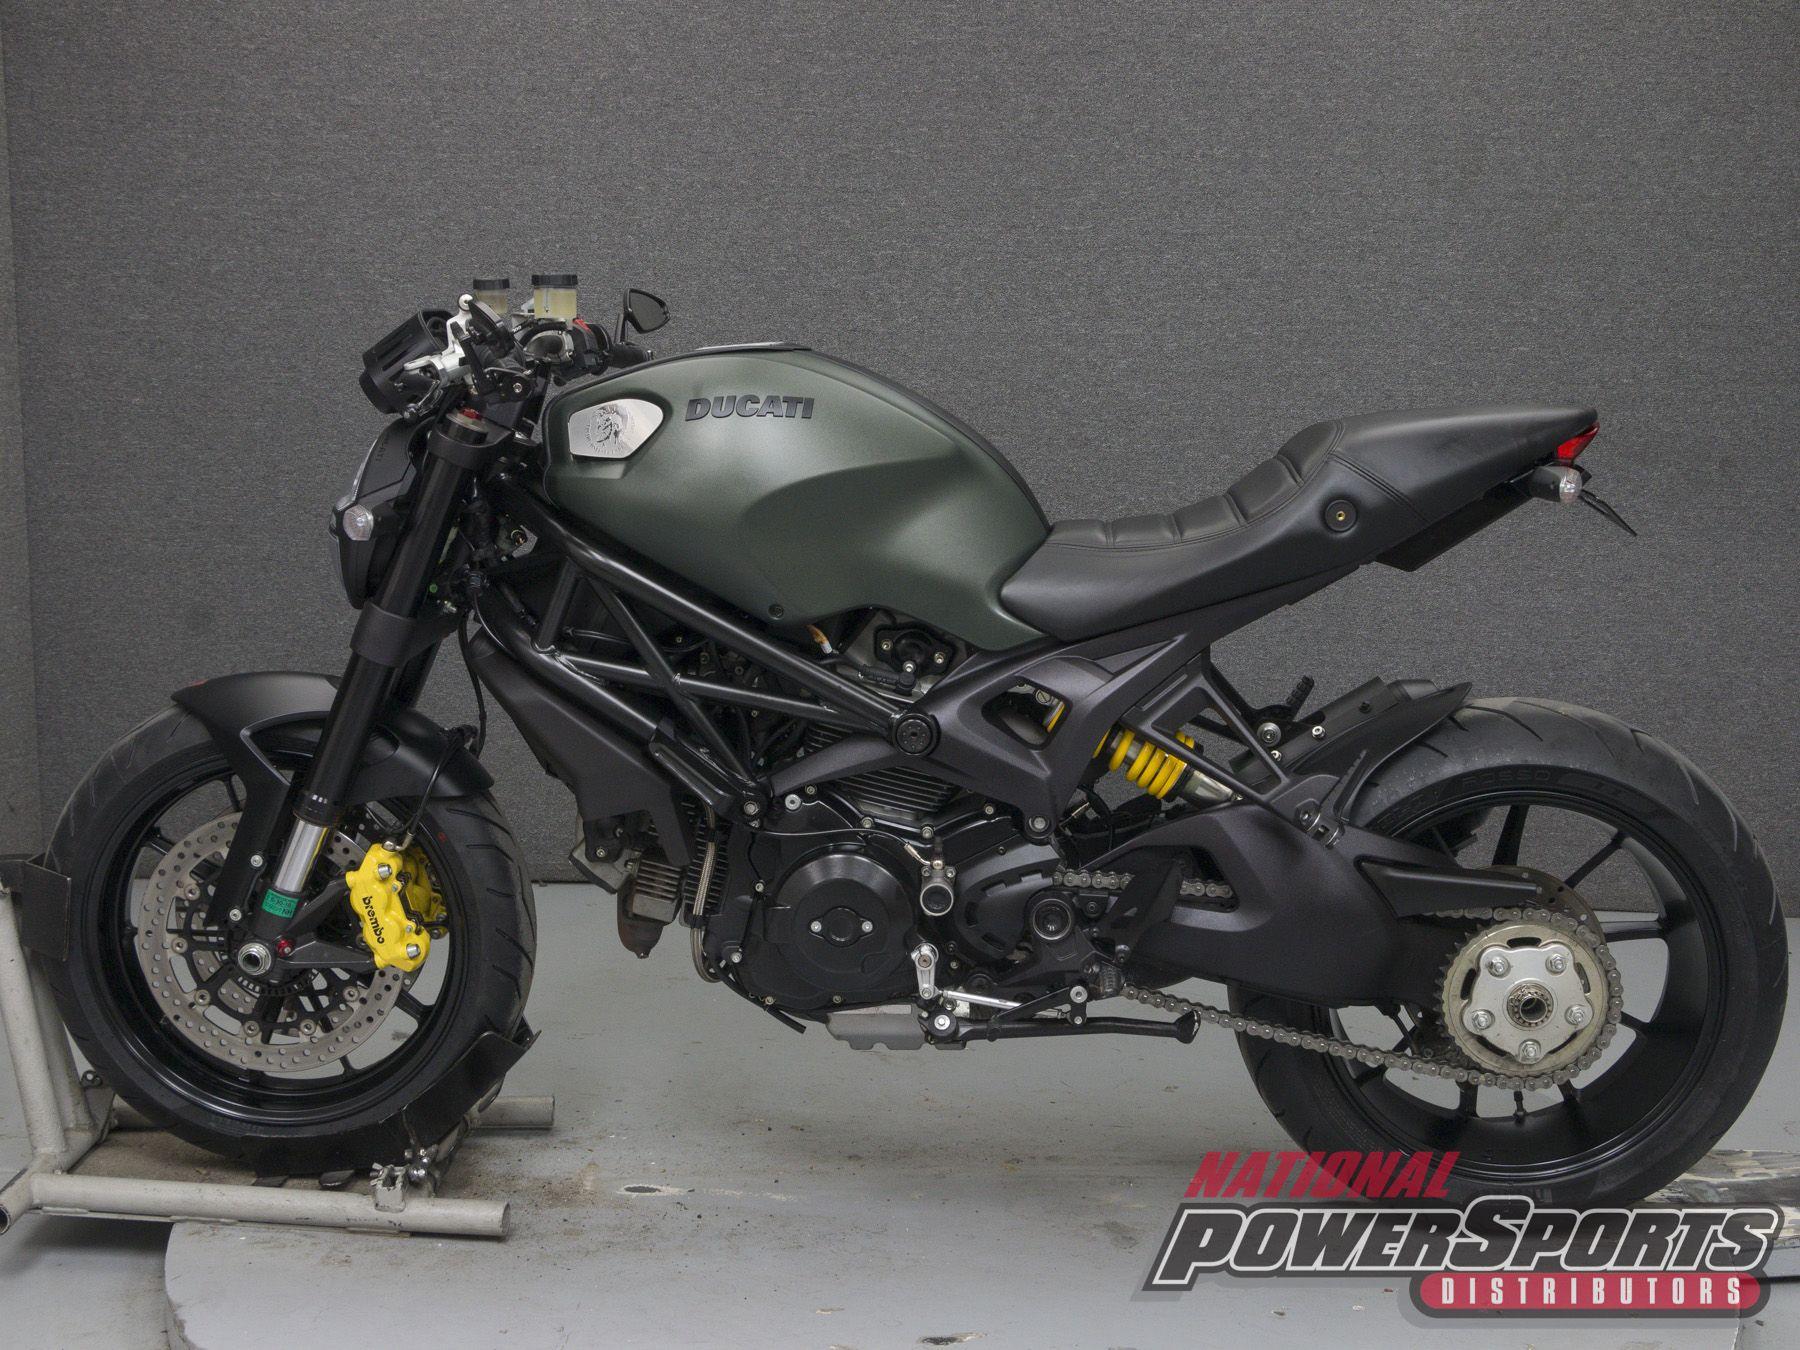 2013 Ducati Monster 1100 Evo Diesel Ducati Monster Monster 696 Ducati